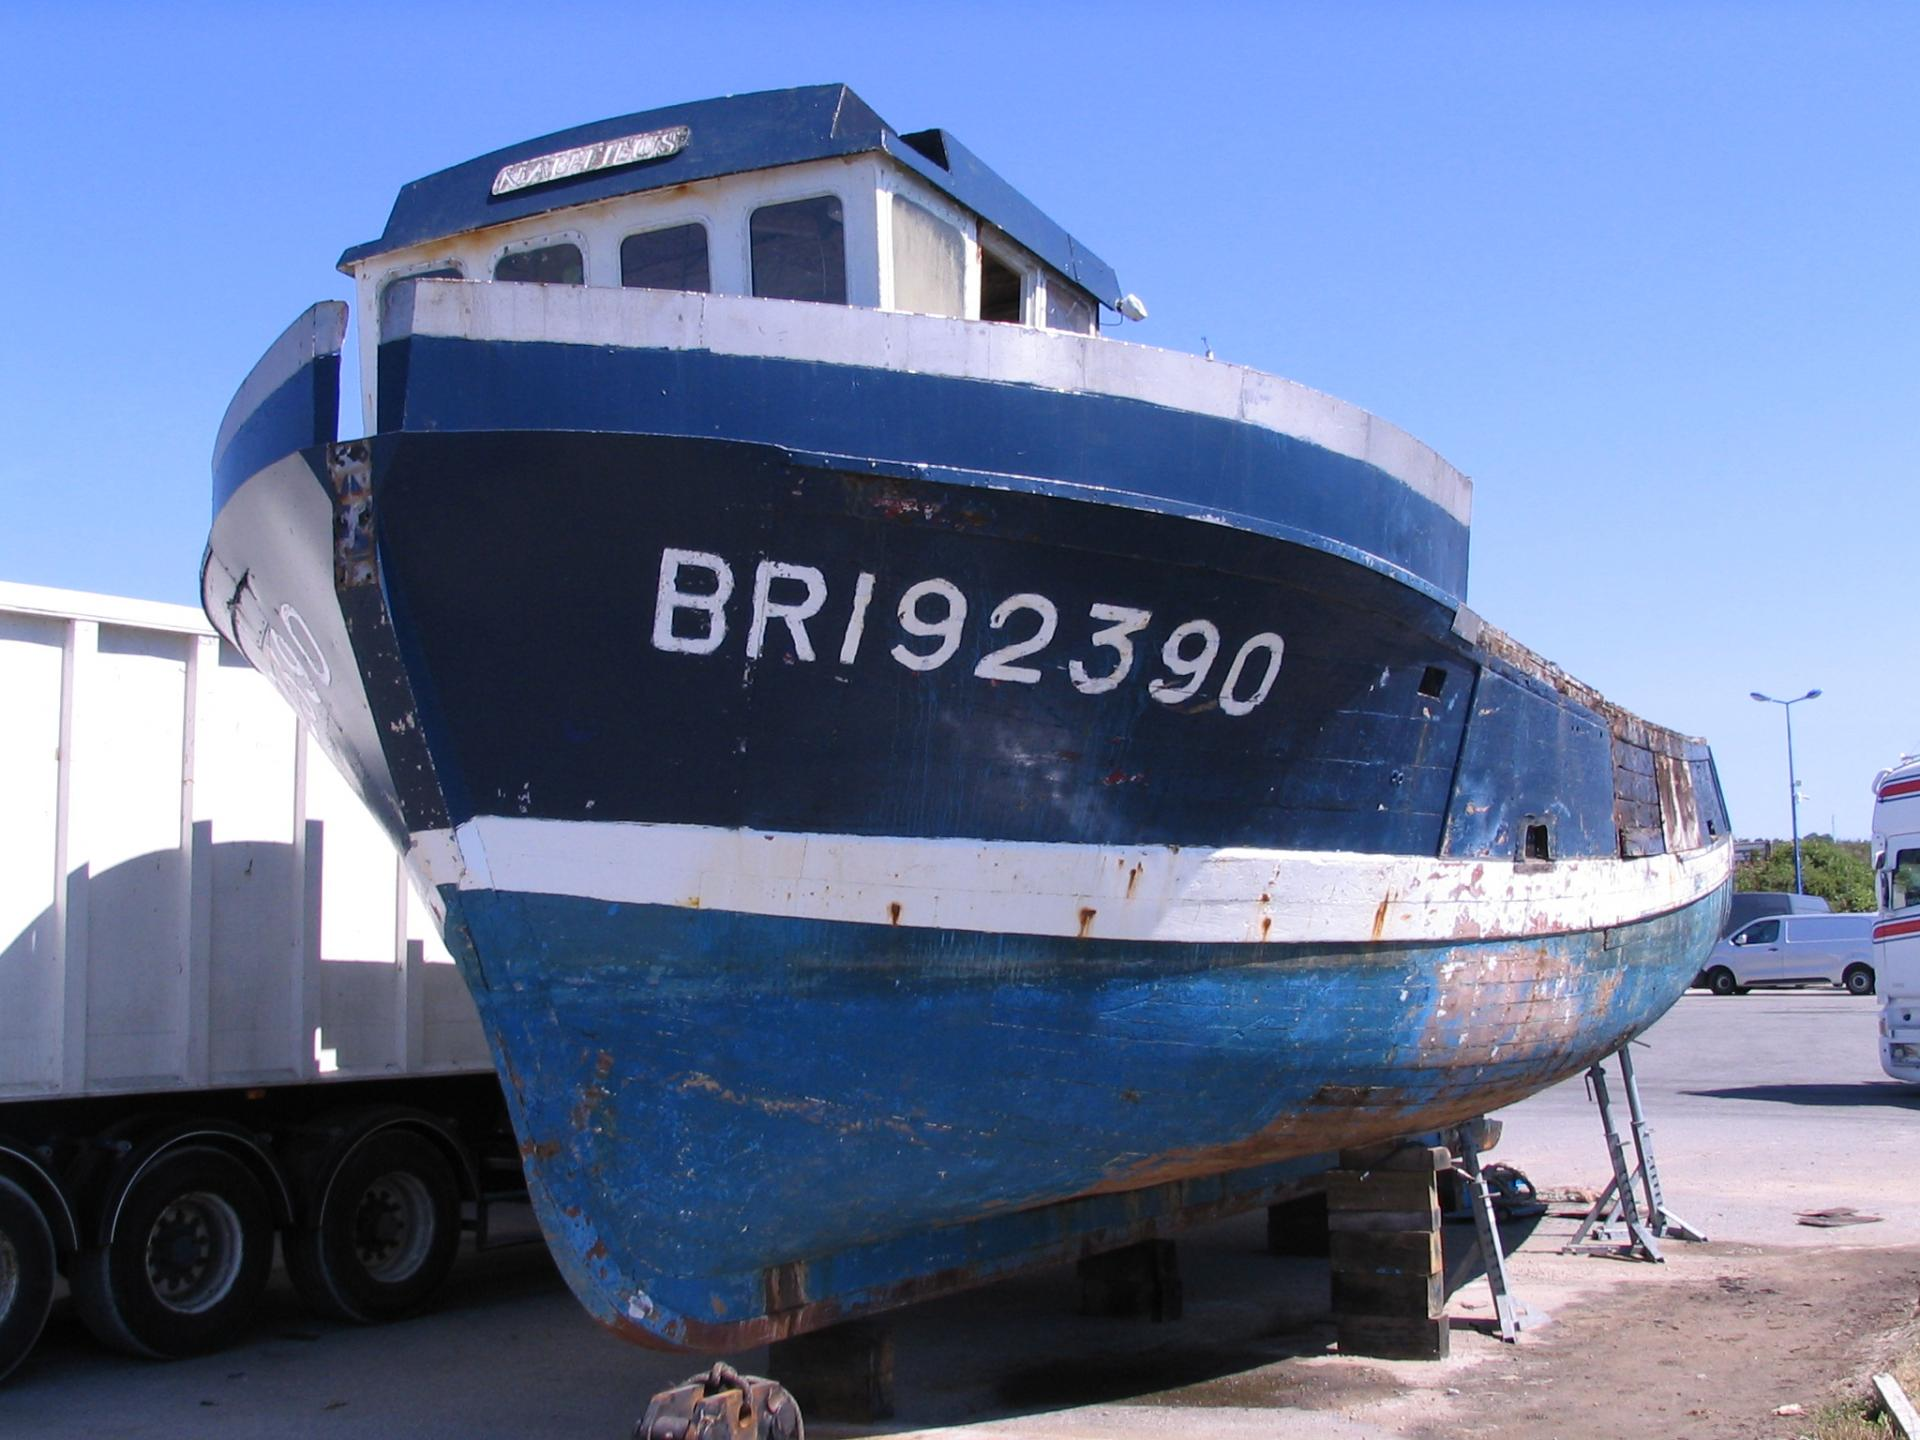 200527 nautilus sur quai b